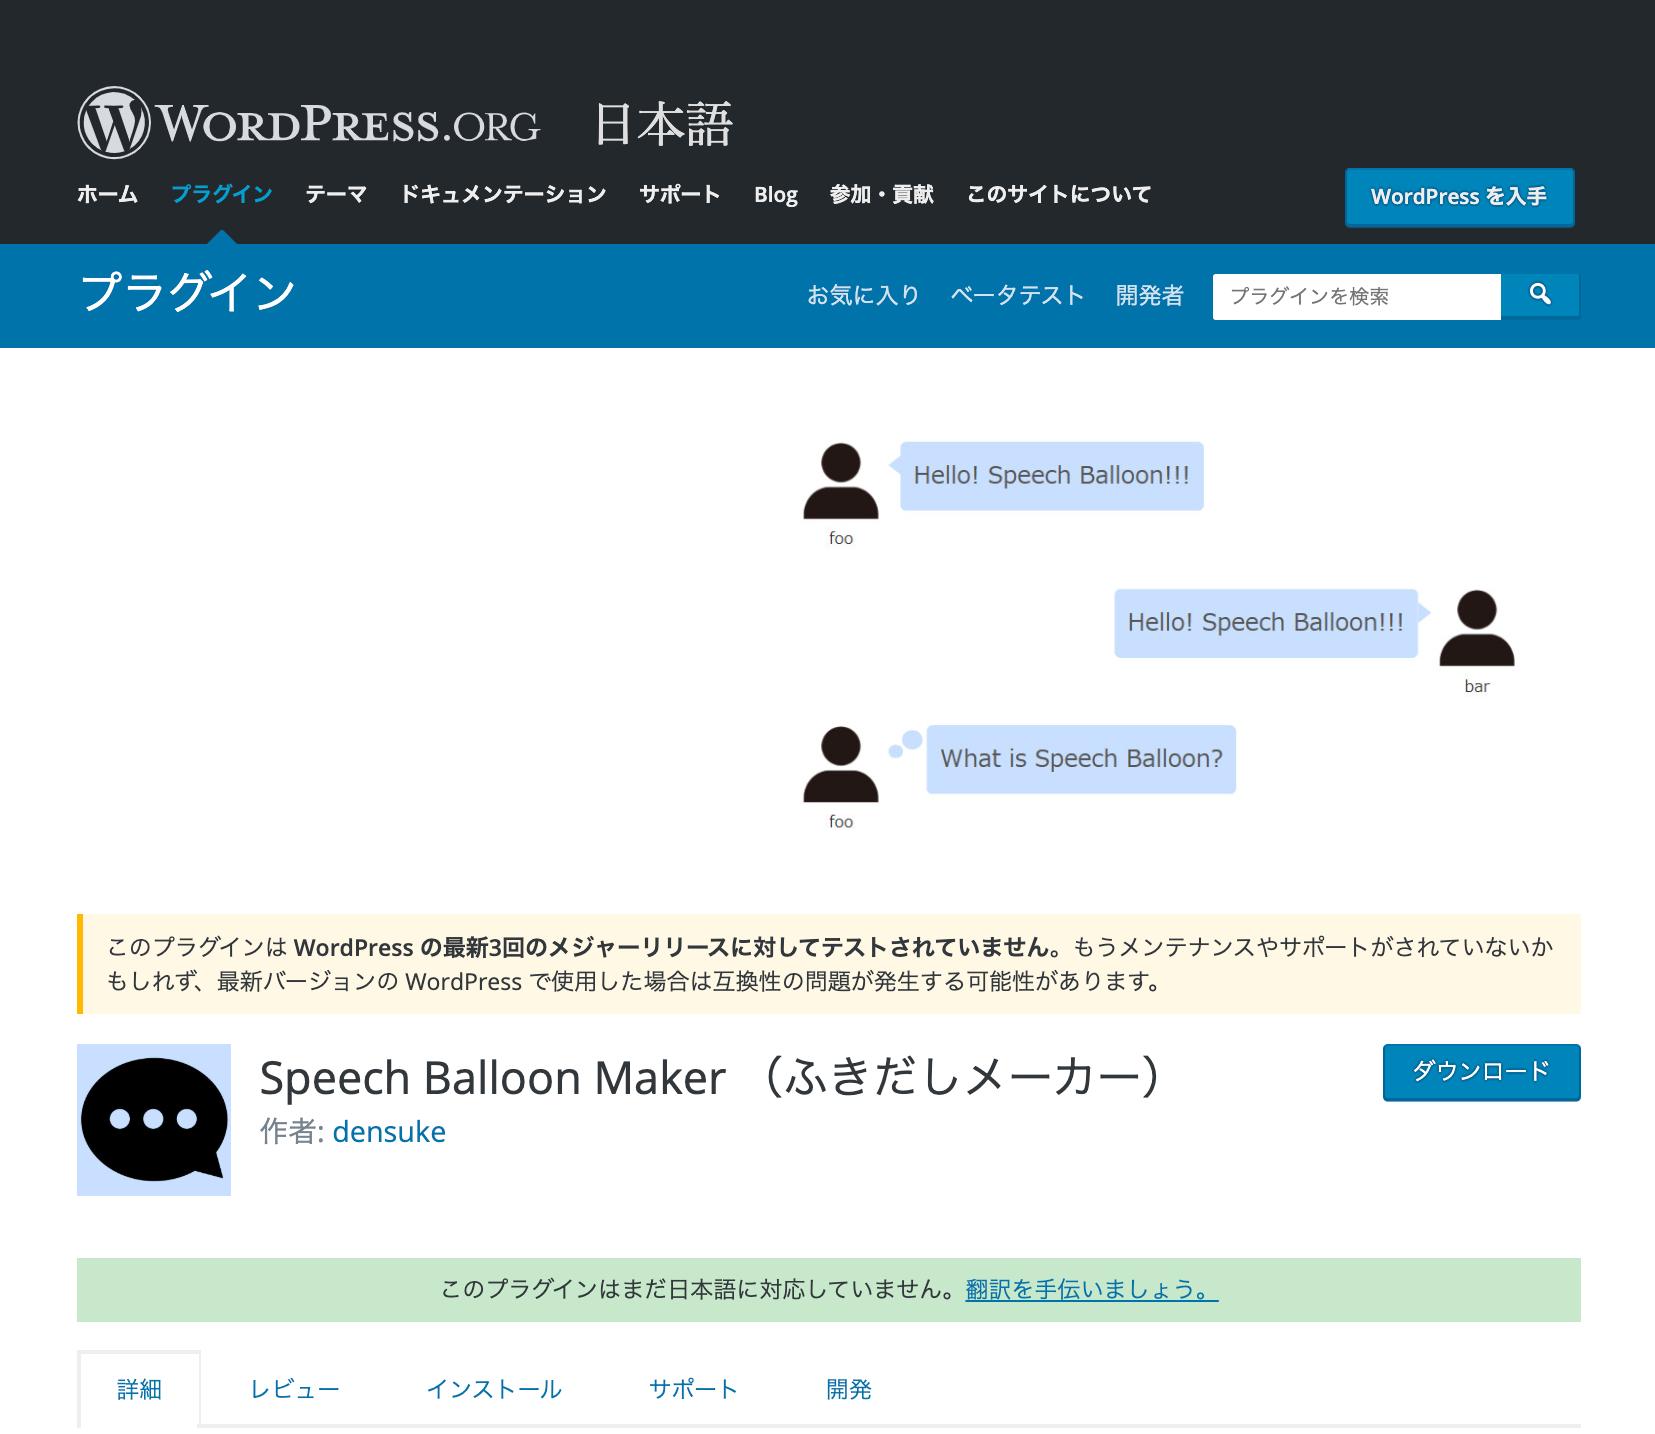 Speech Ballon Maker(吹き出しメーカー)